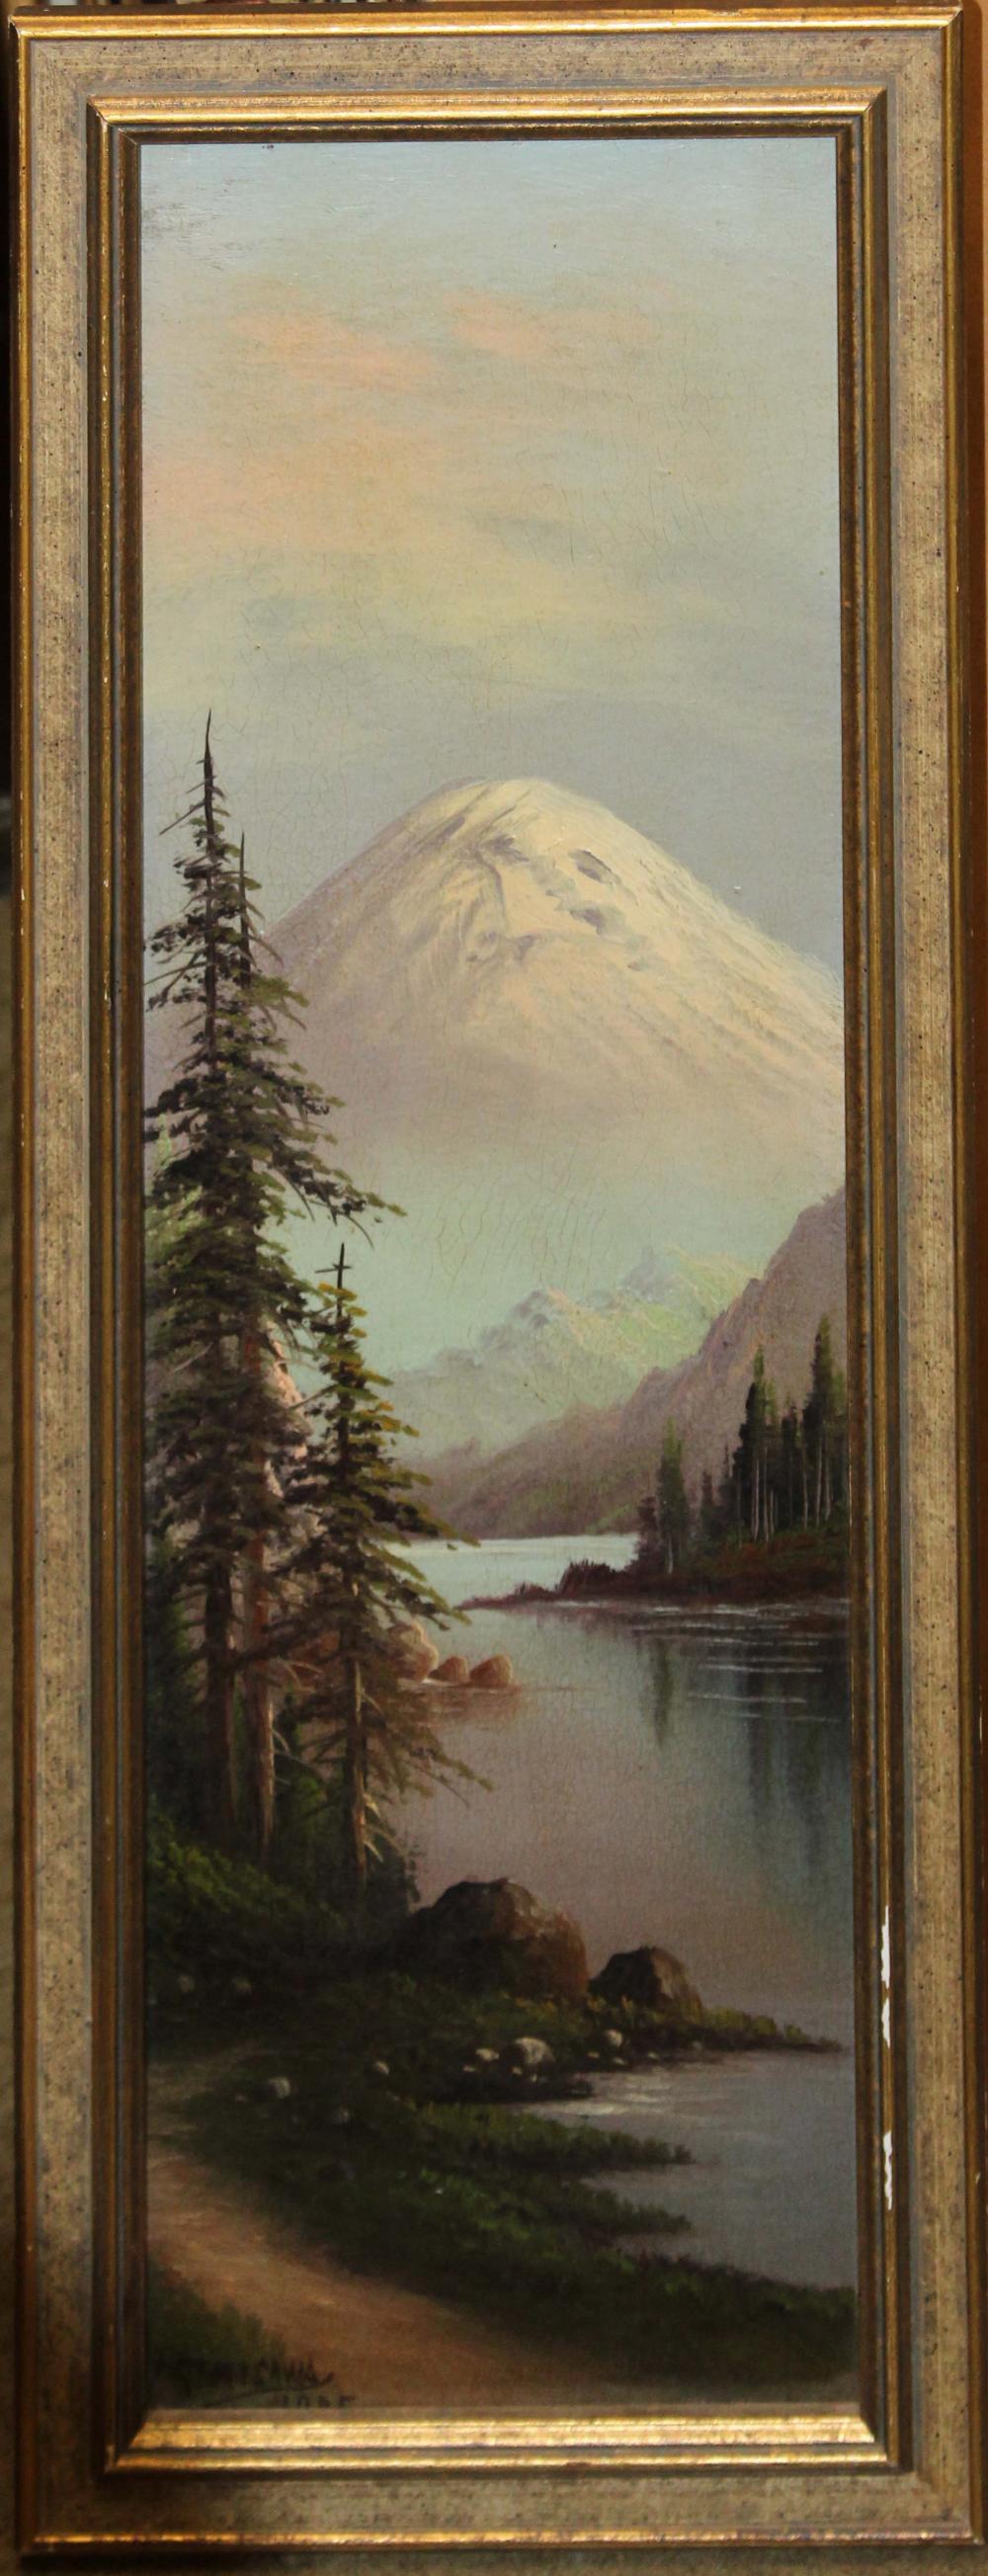 G Yoichi Serisawa (JP 1874-1927) Mountain Landscape